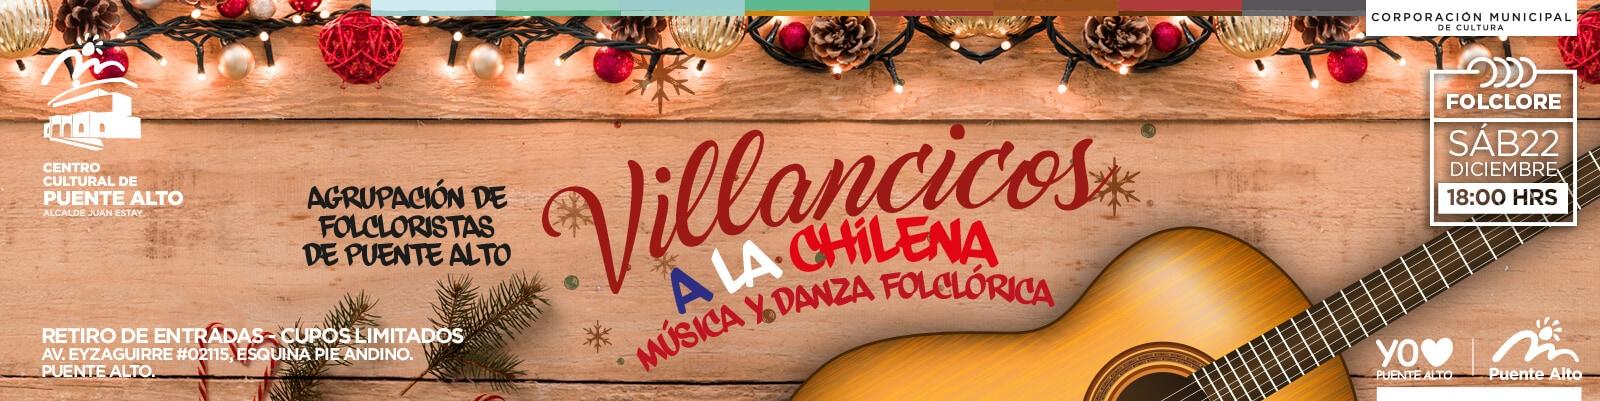 Todos invitados a cantar con Villancicos a la Chilena.